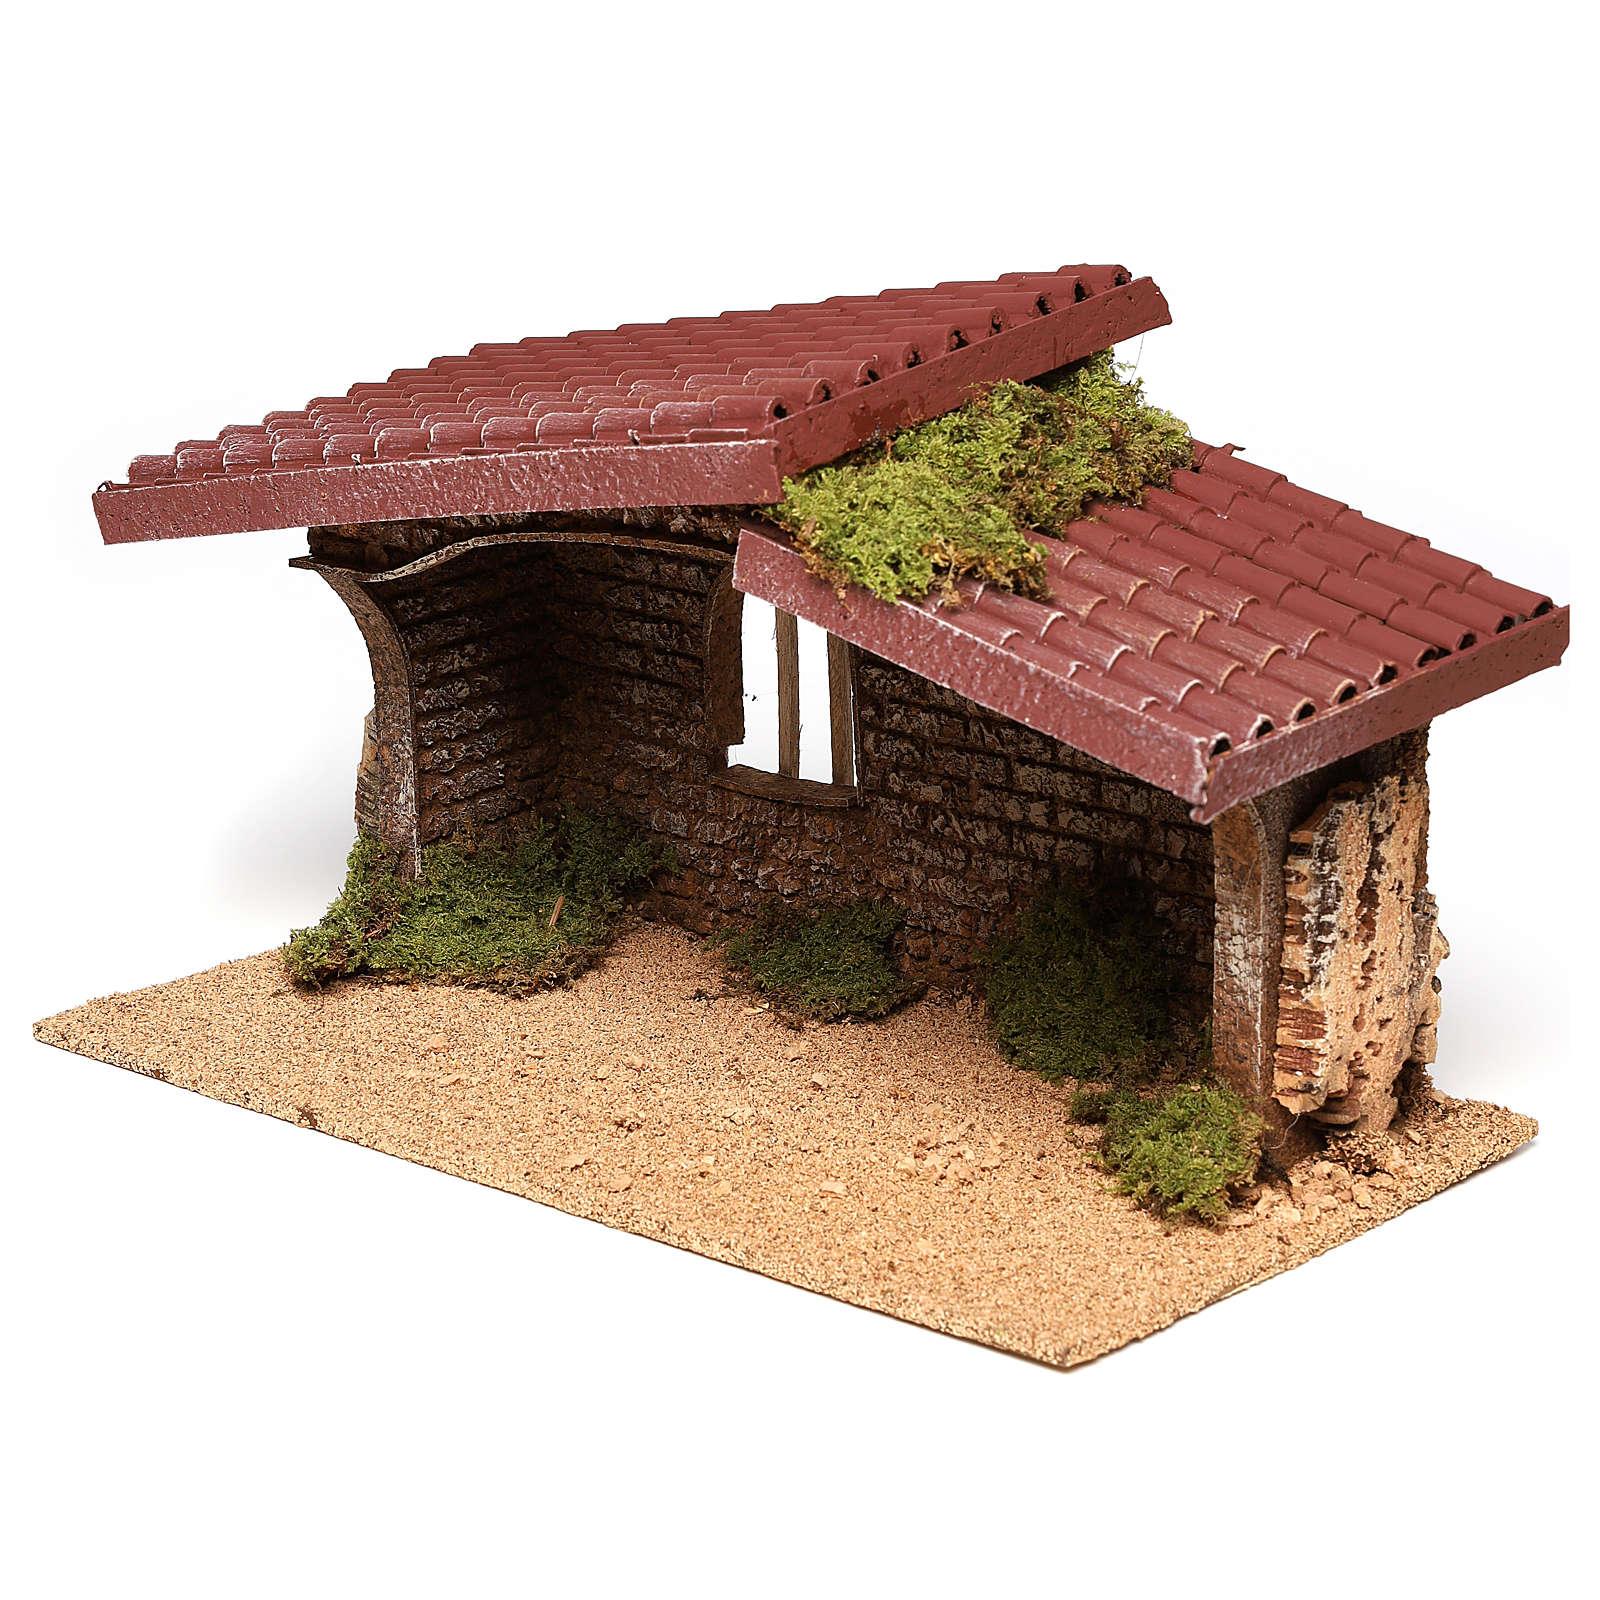 Cabane crèche simple liège et mousse 21x35x20 cm 4